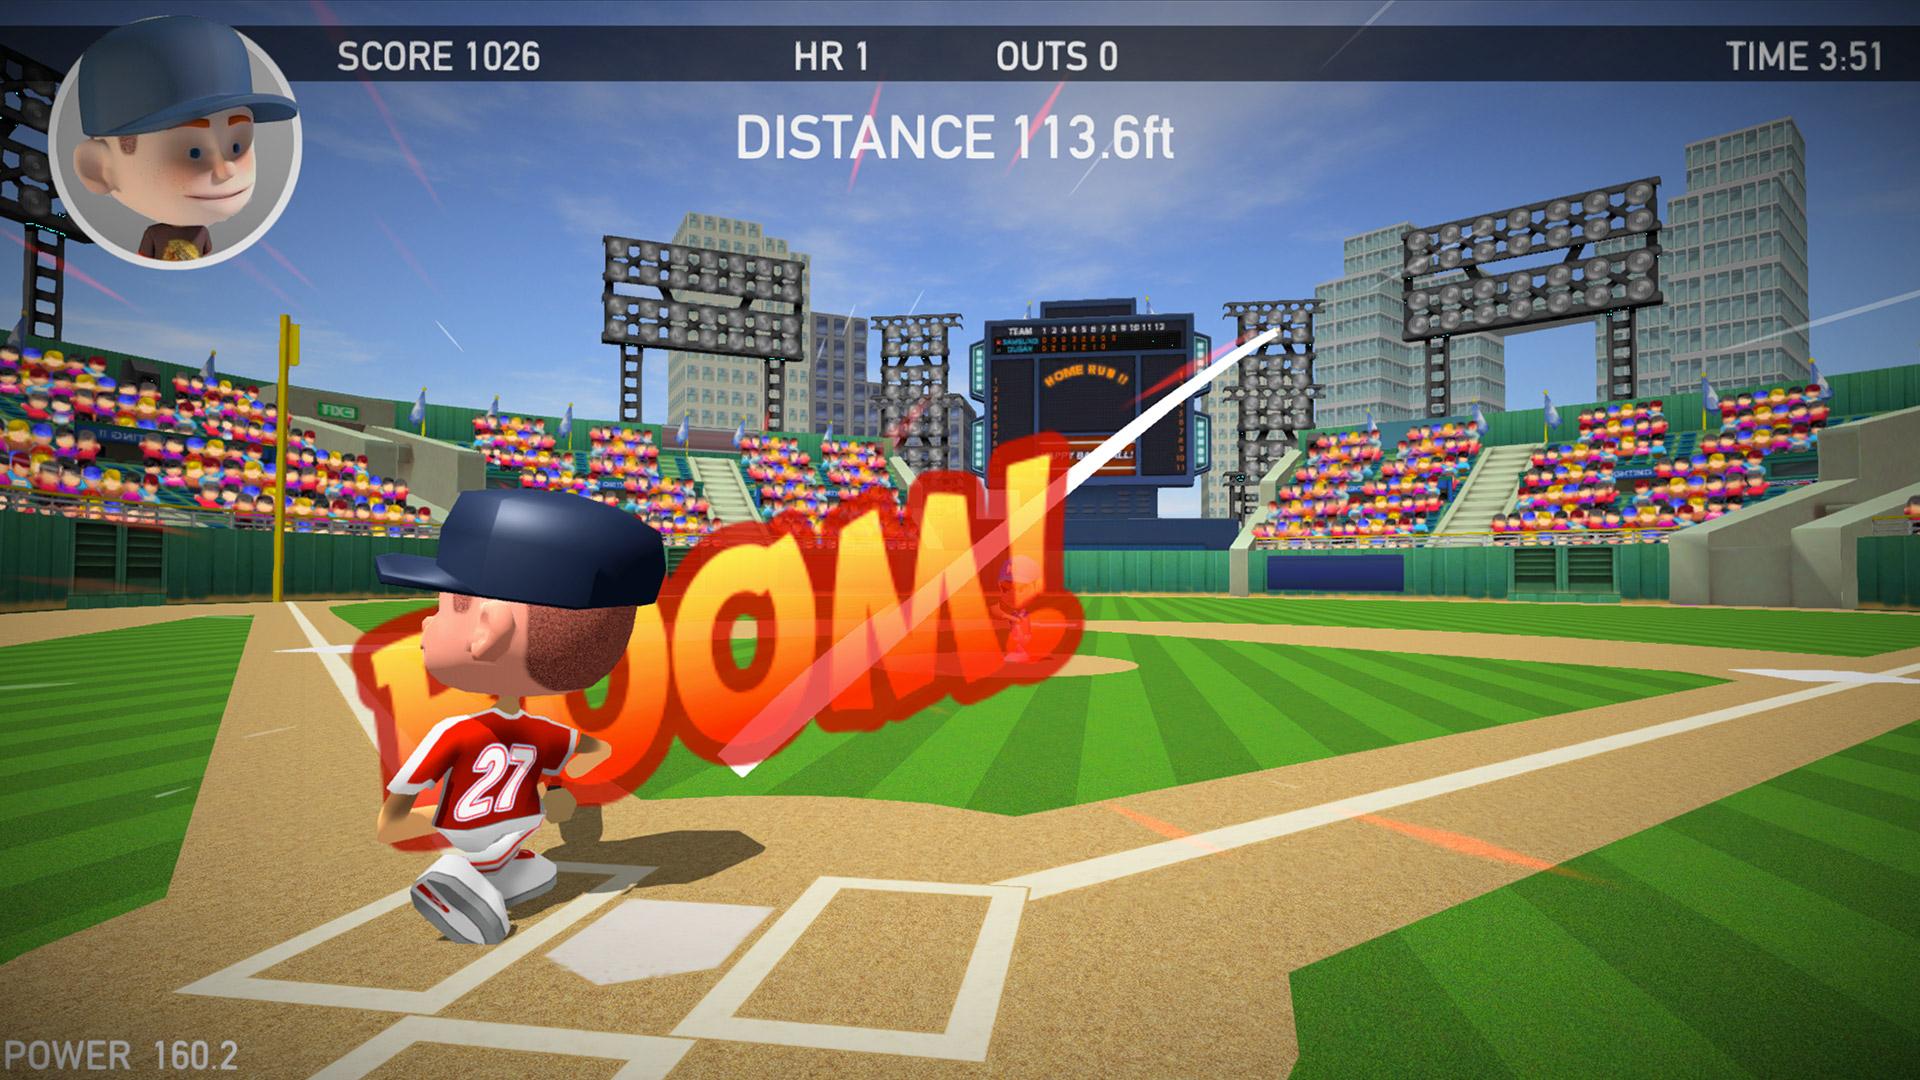 Baseball Games 2016 - Big Hit Home Run Superstar Derby ML screenshot 3